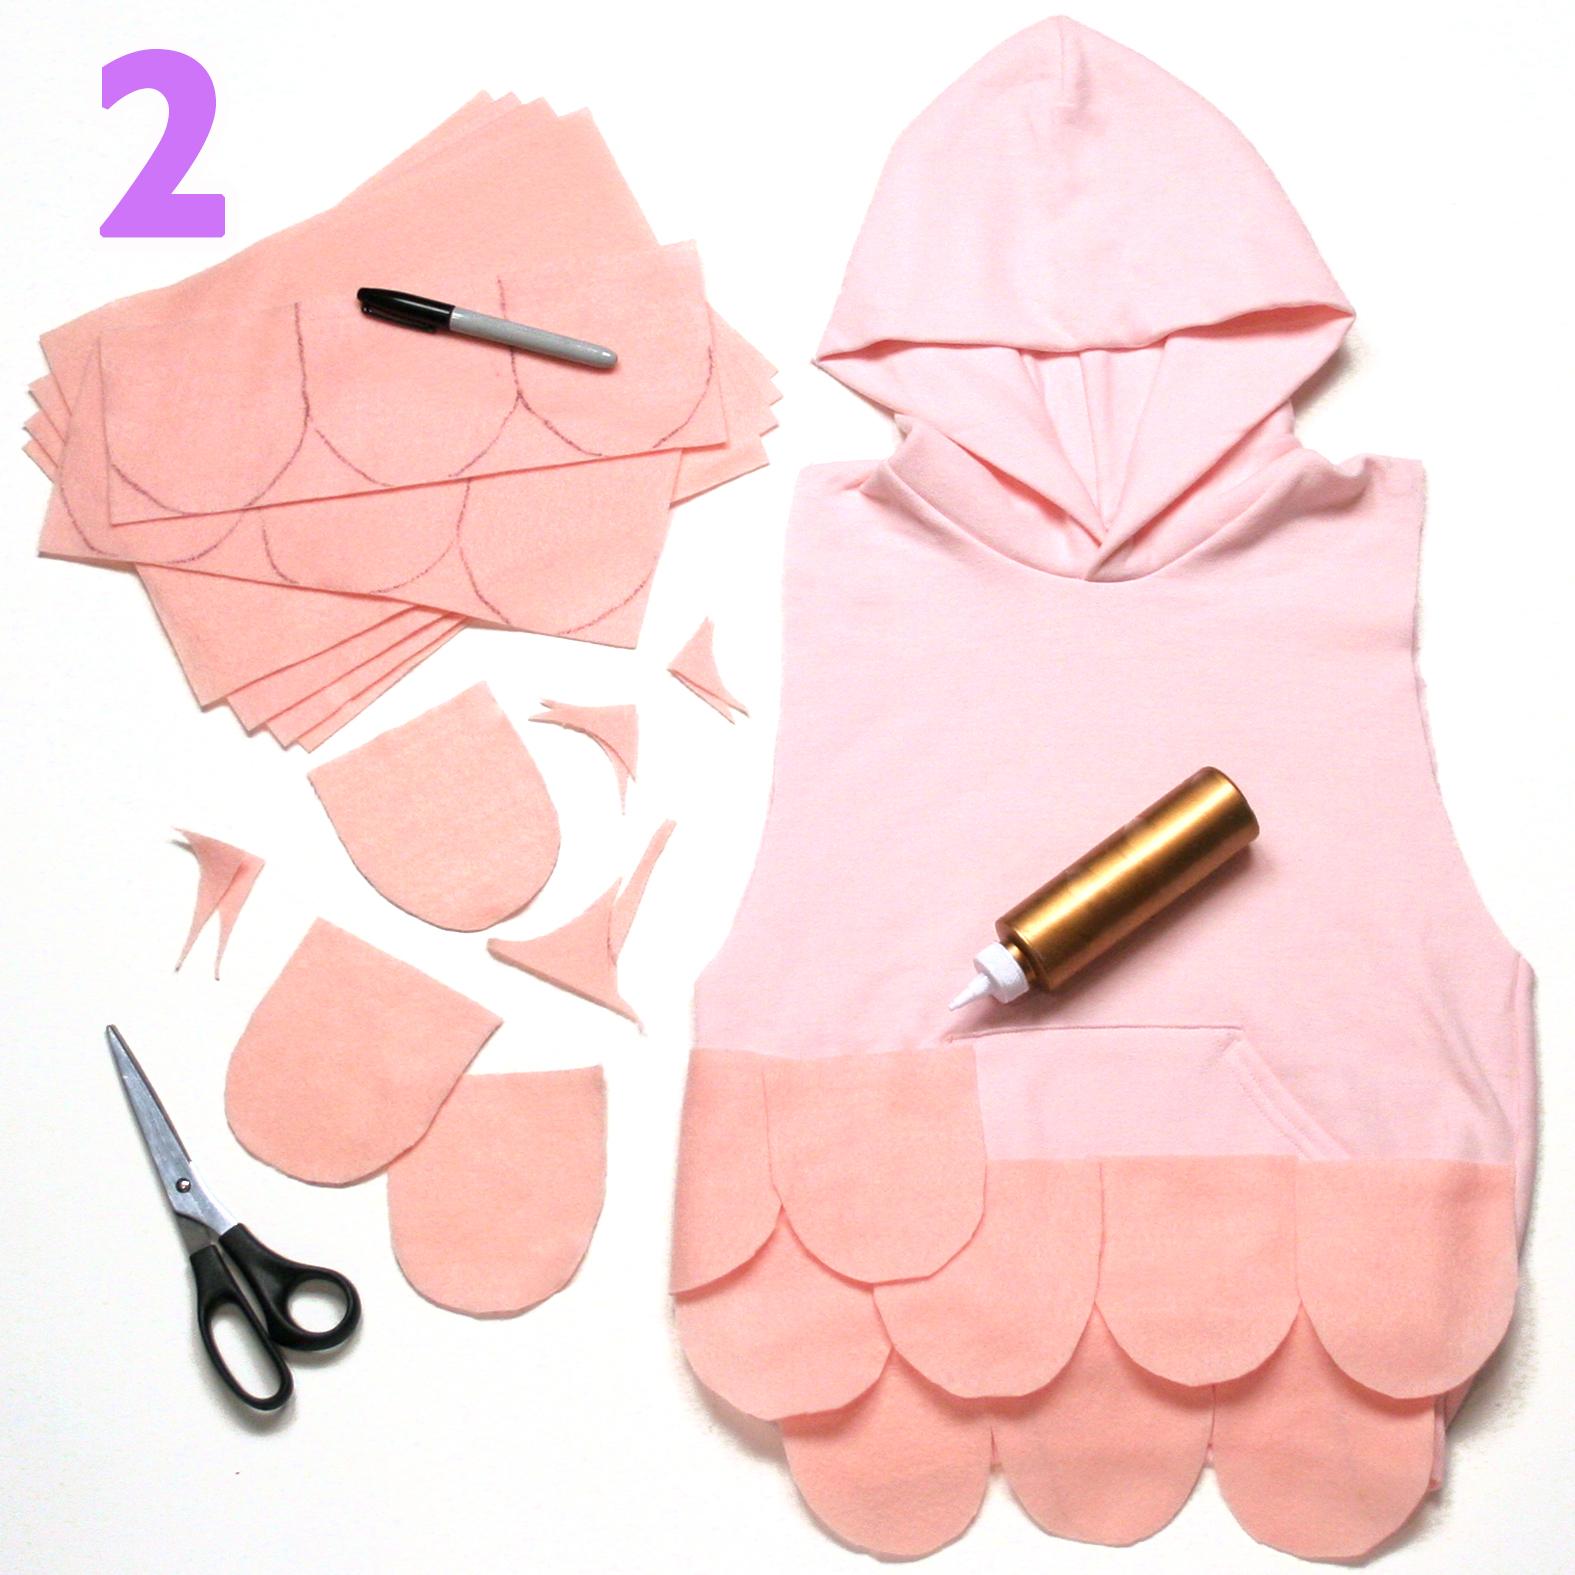 Baa Baa costume step 2